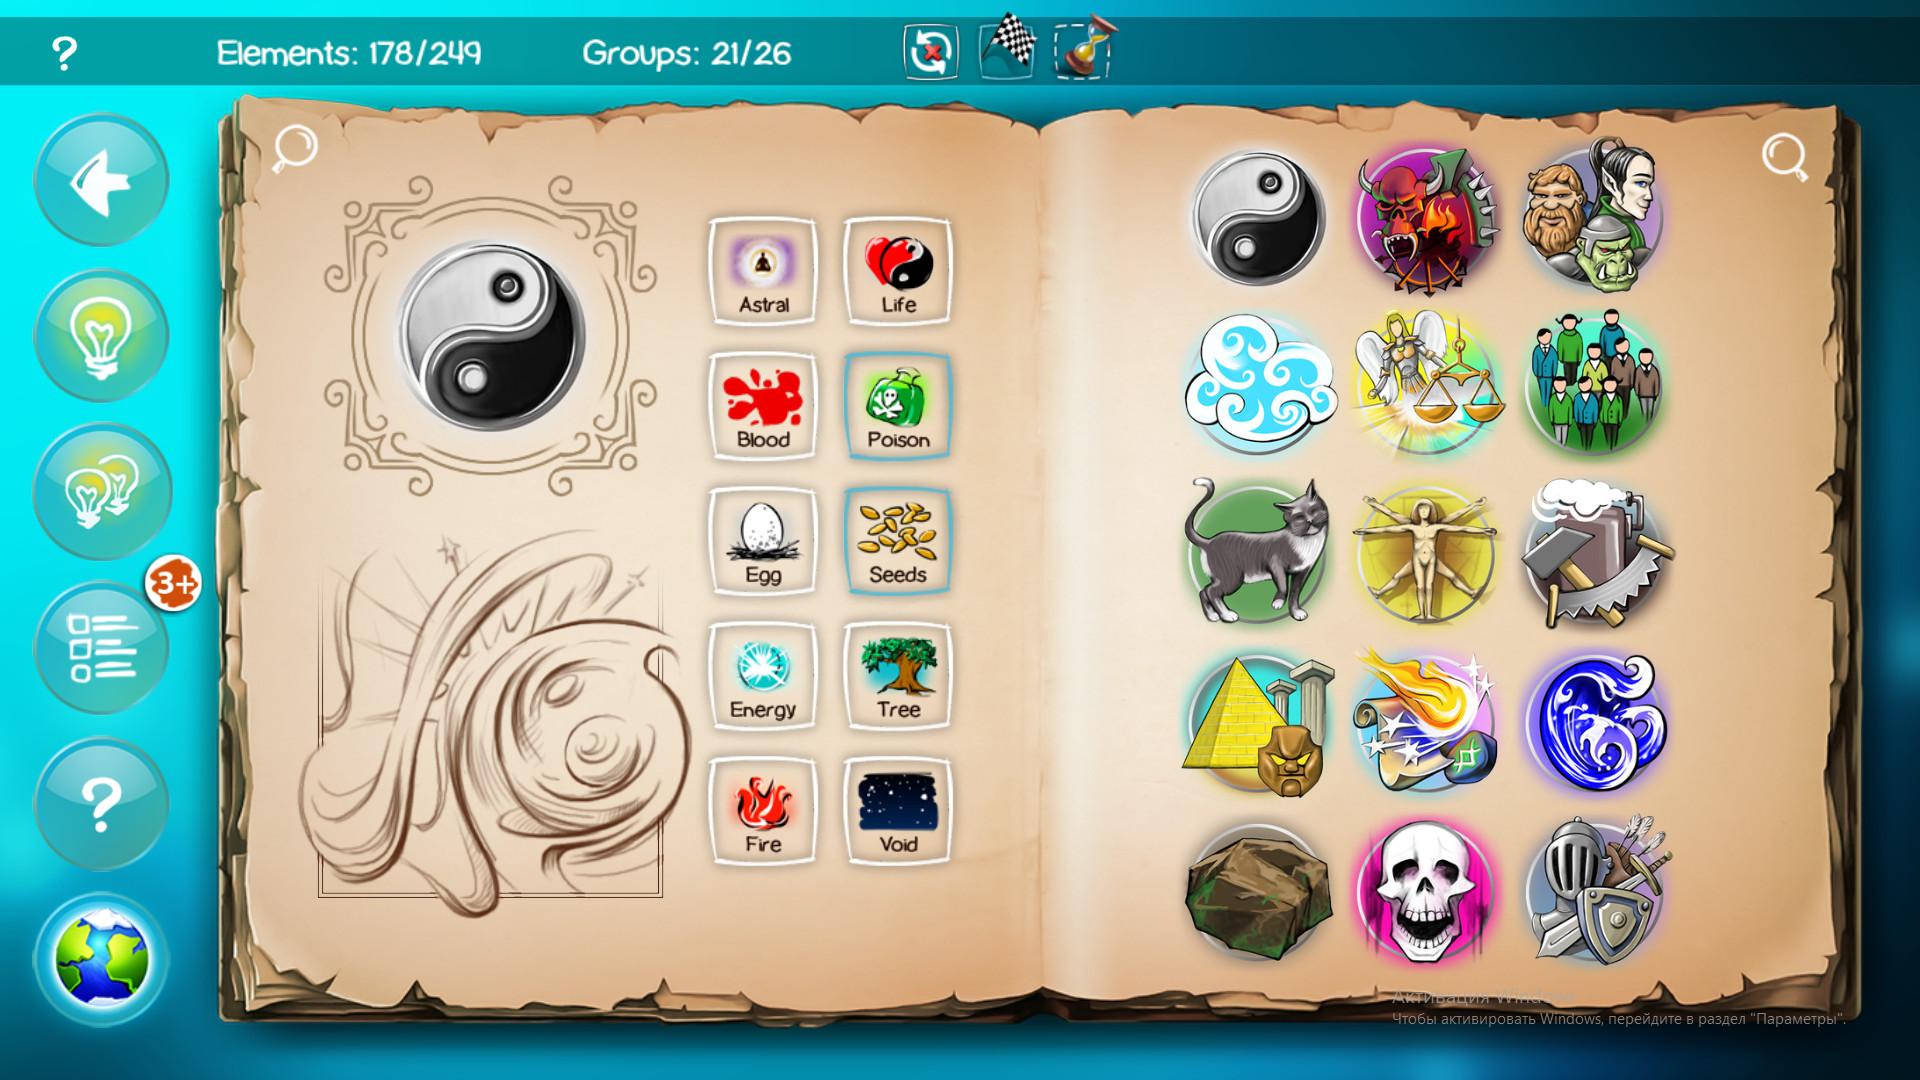 Doodle God - JoyBits Ltd. - JoyBits Ltd. - Blacknut Cloud Gaming